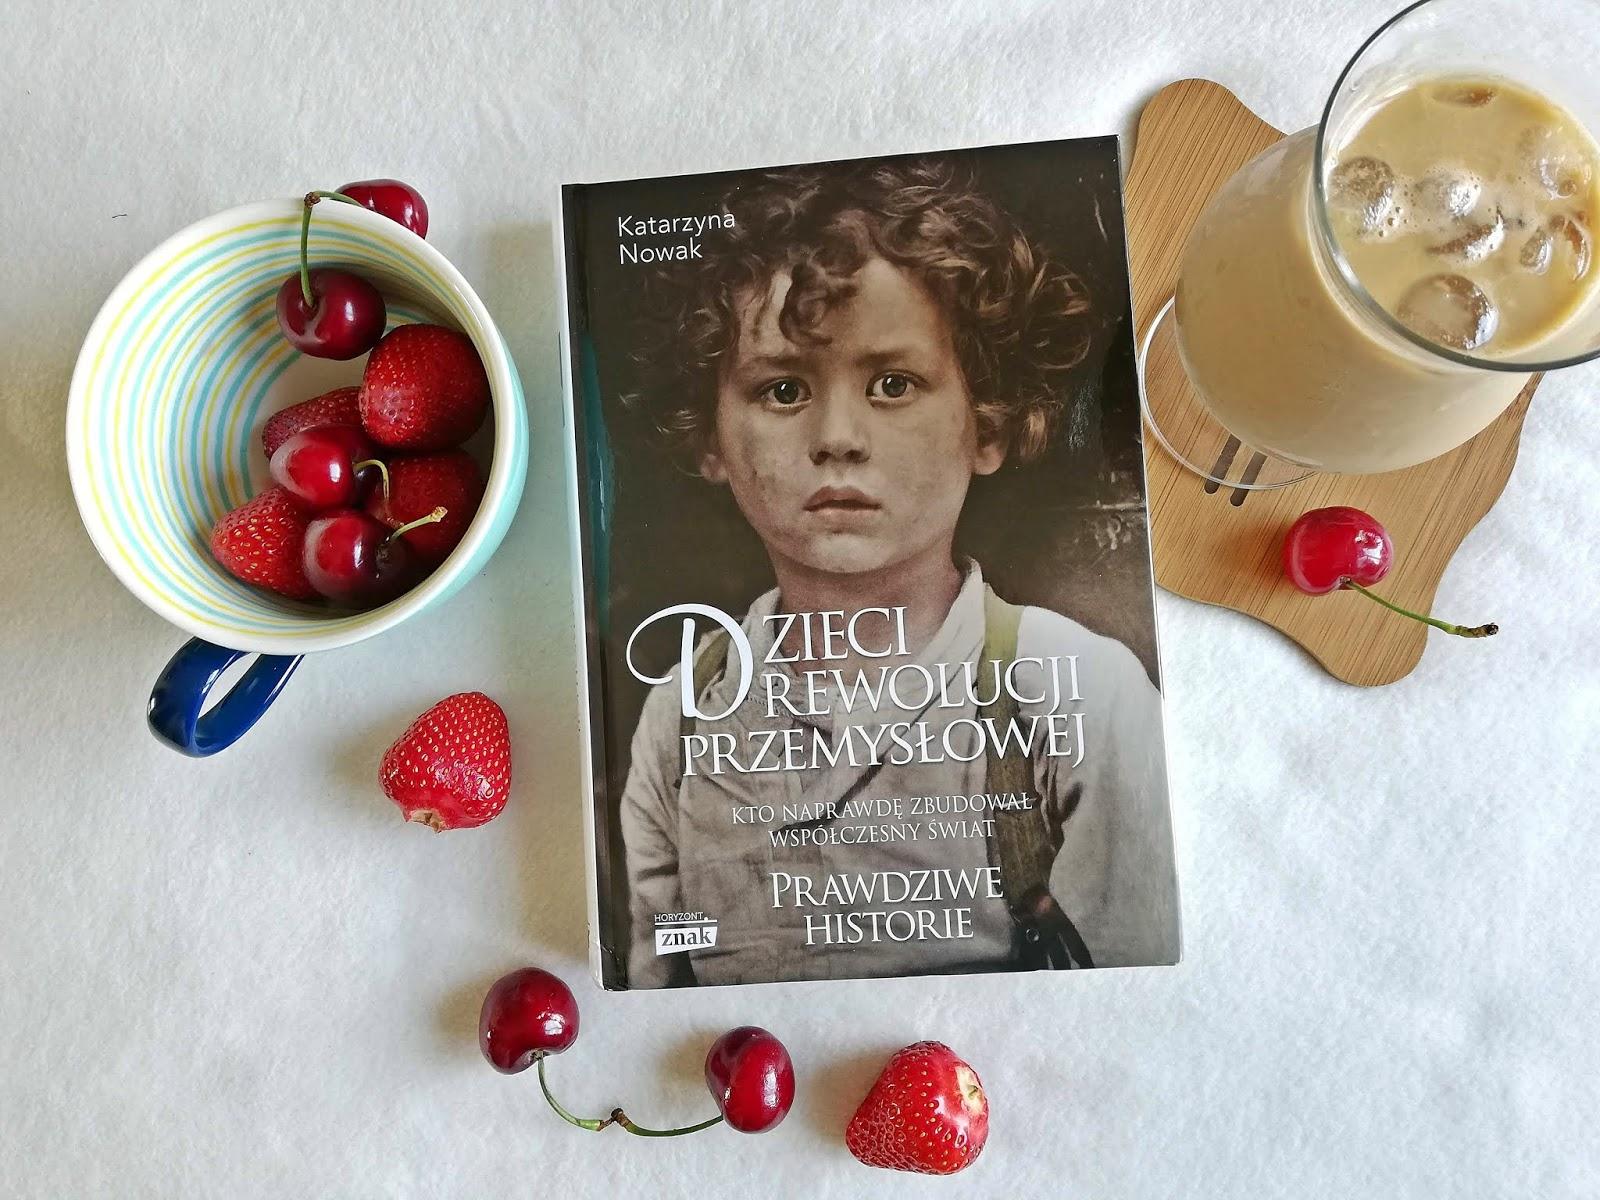 """Poznajcie """"Dzieci rewolucji przemysłowej"""" Katarzyna Nowak"""